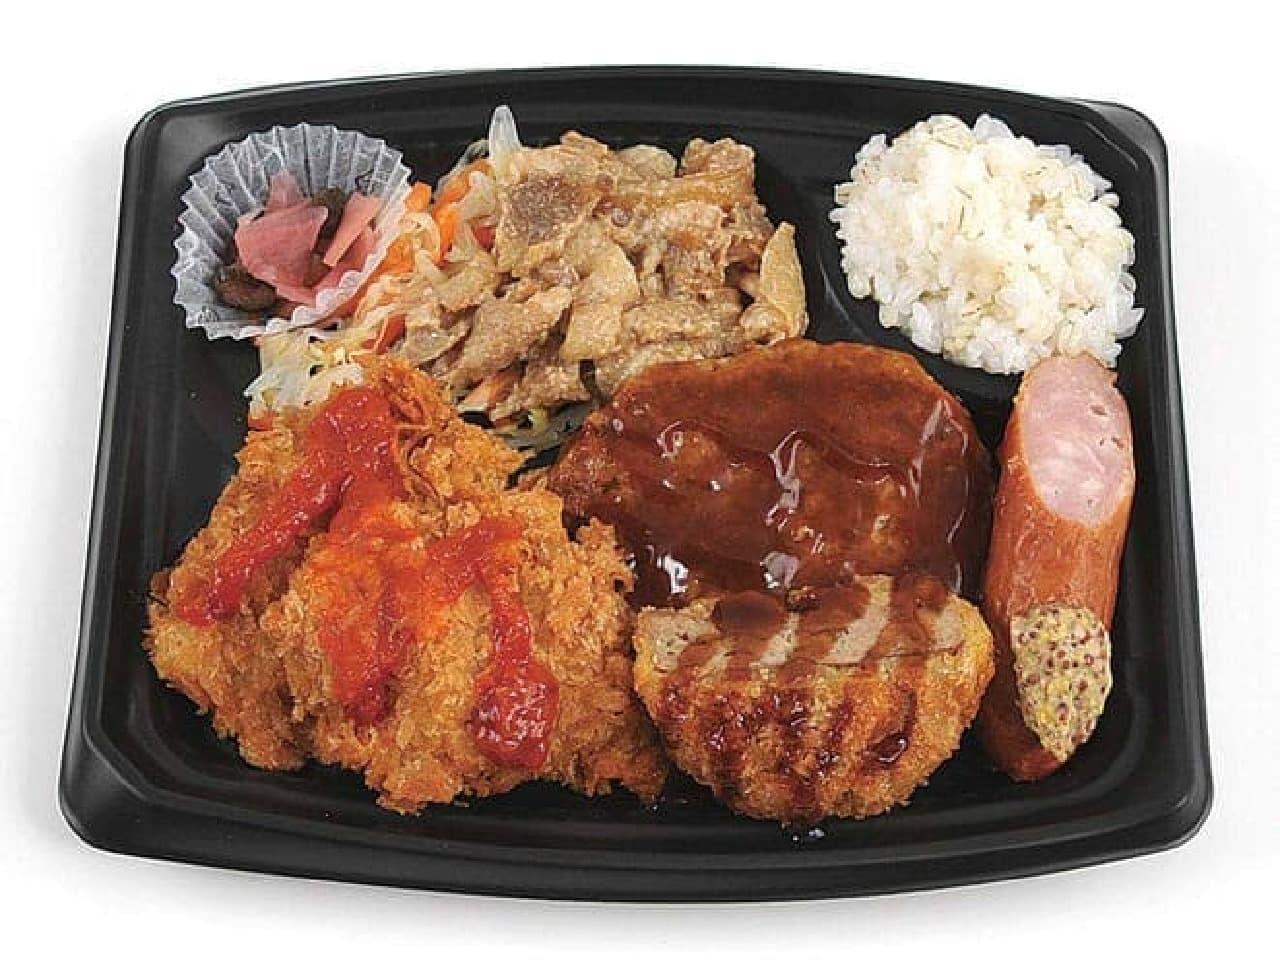 ミニストップにご飯を60%カットした「お肉ドーン!っと弁当」